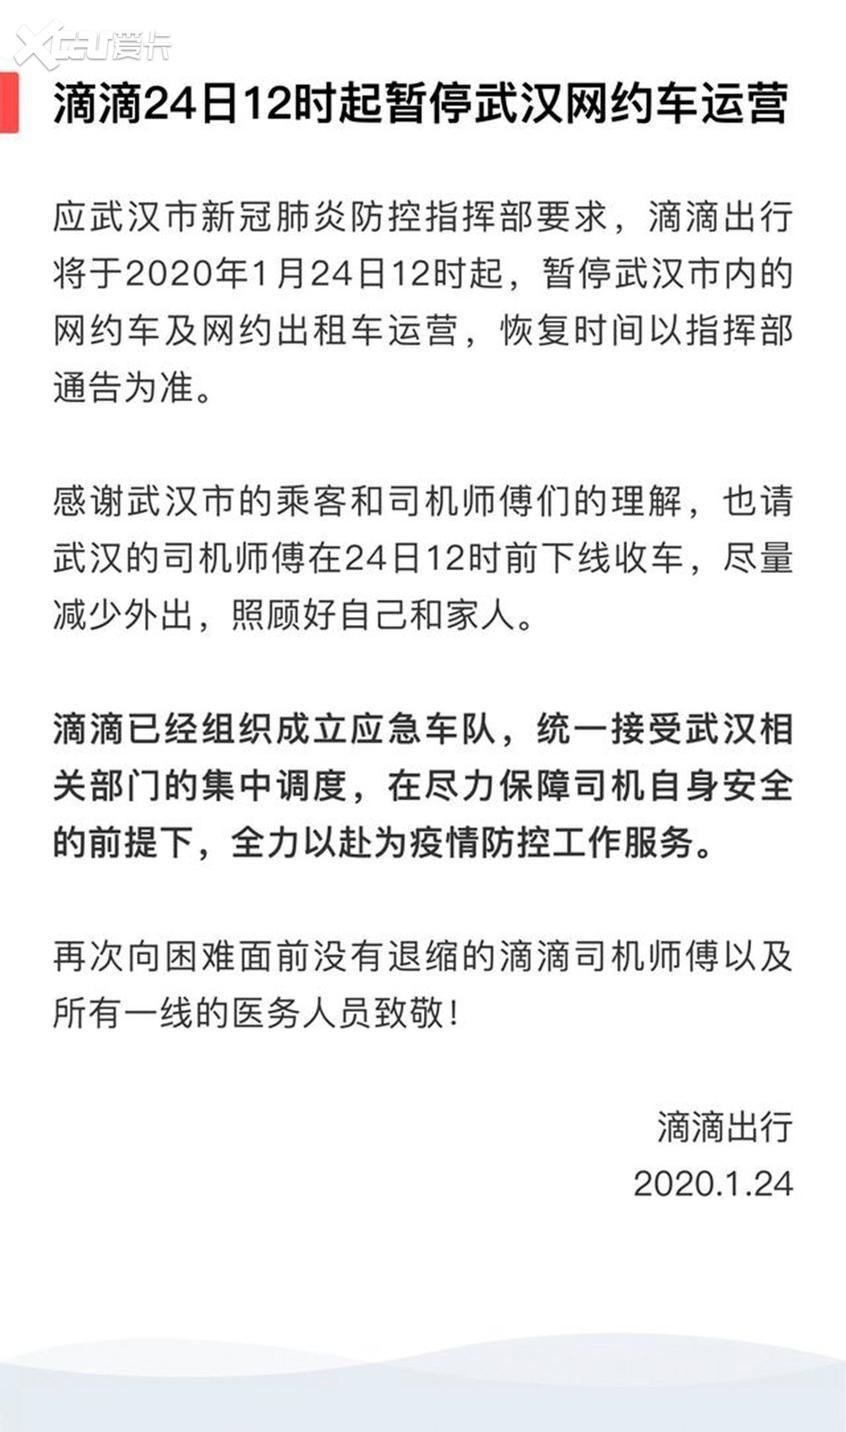 滴滴出行24日12时起暂停武汉网约车运营